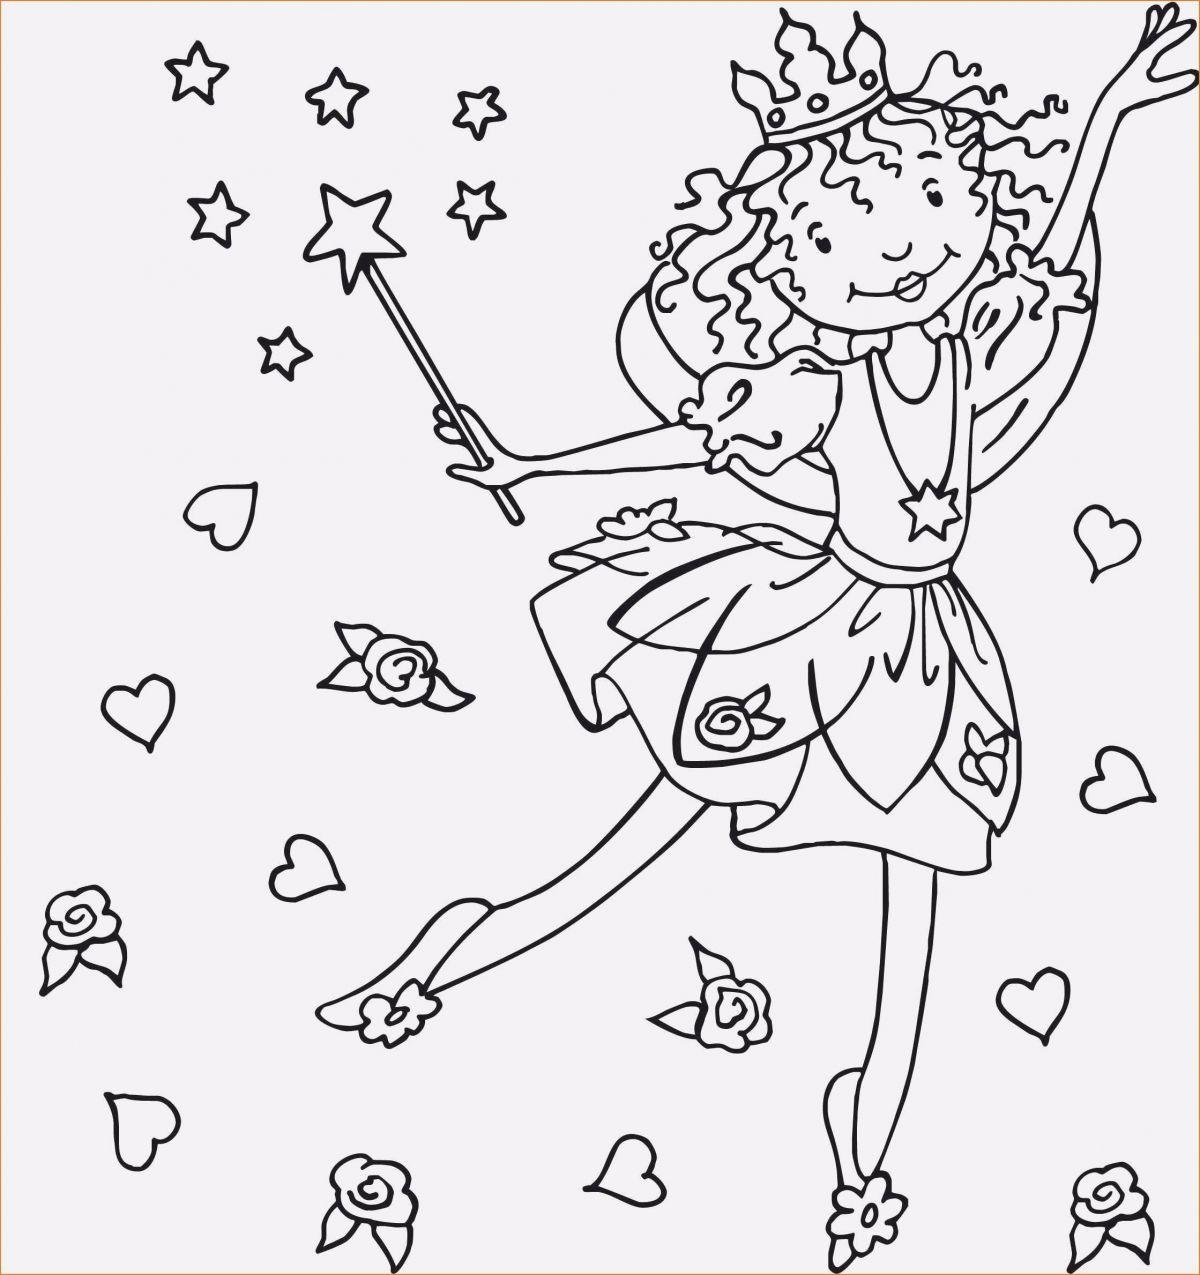 Malvorlagen Prinzessin Lillifee Frisch Prinzessin Ausmalbilder Zum Ausdrucken Lovely 25 Fantastisch Bild